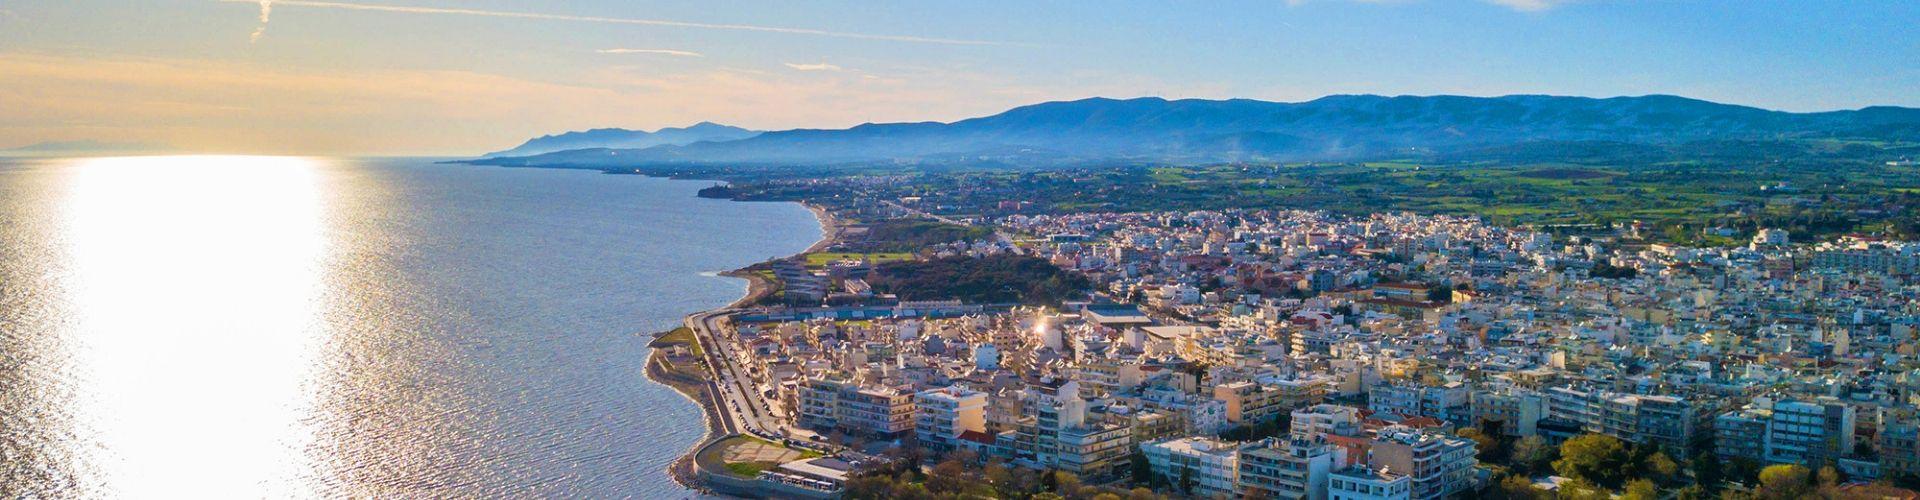 Aleksandropolis | LETO 2019